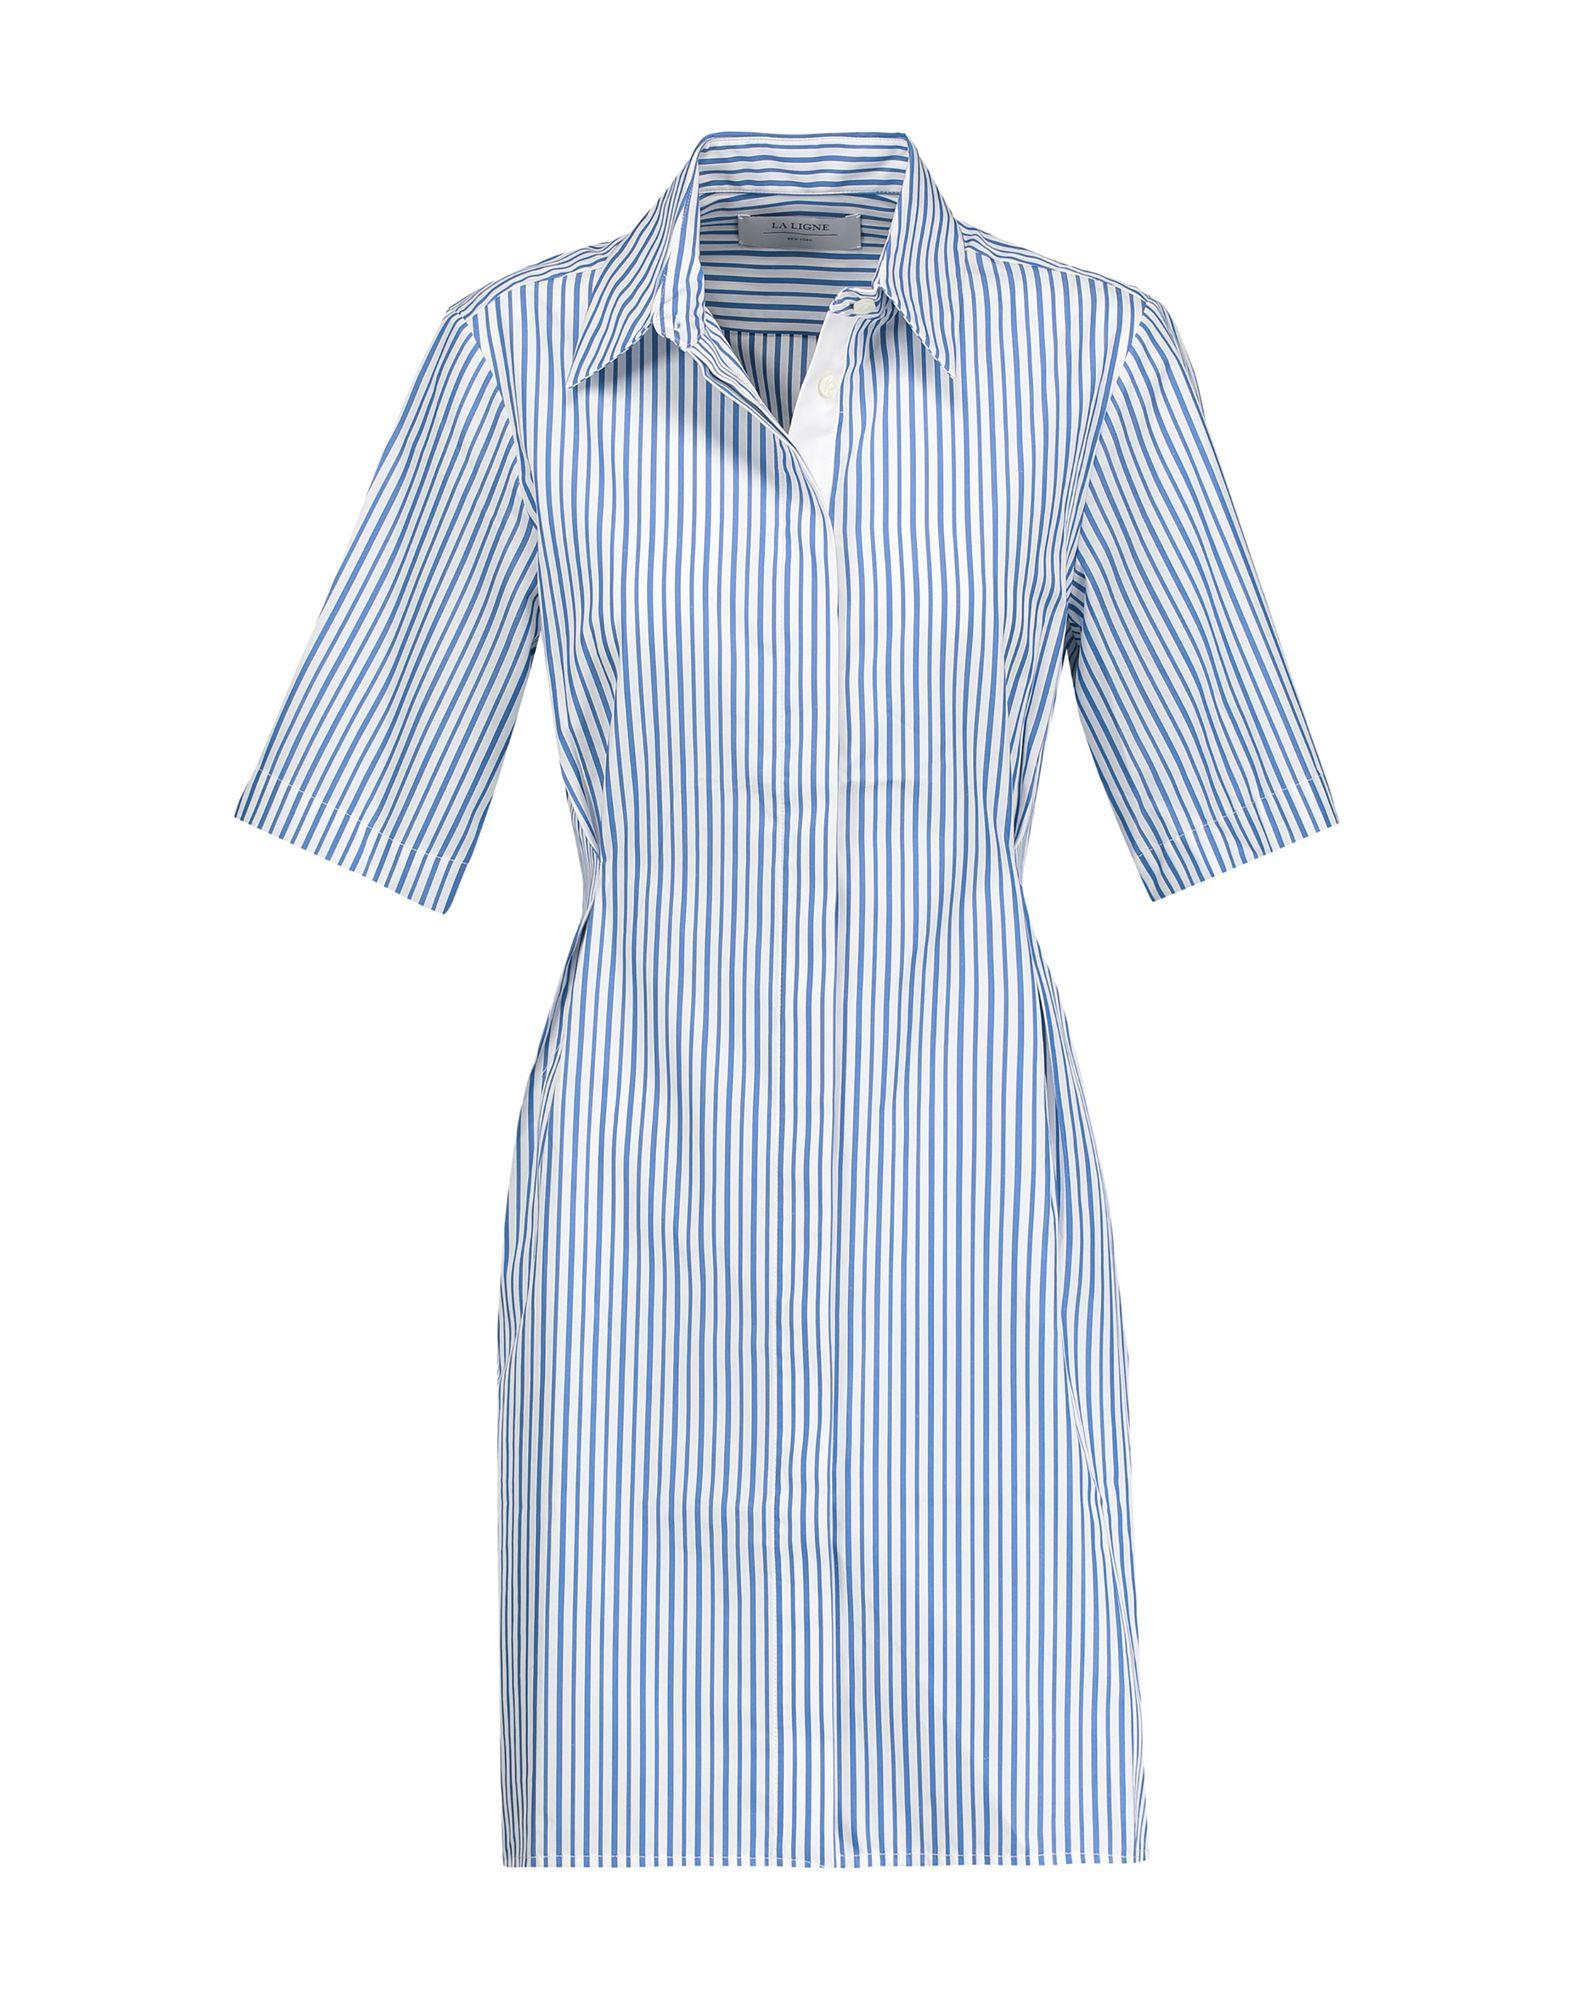 LA LIGNE Короткое платье платье рубашка fox yulia sway платье рубашка fox